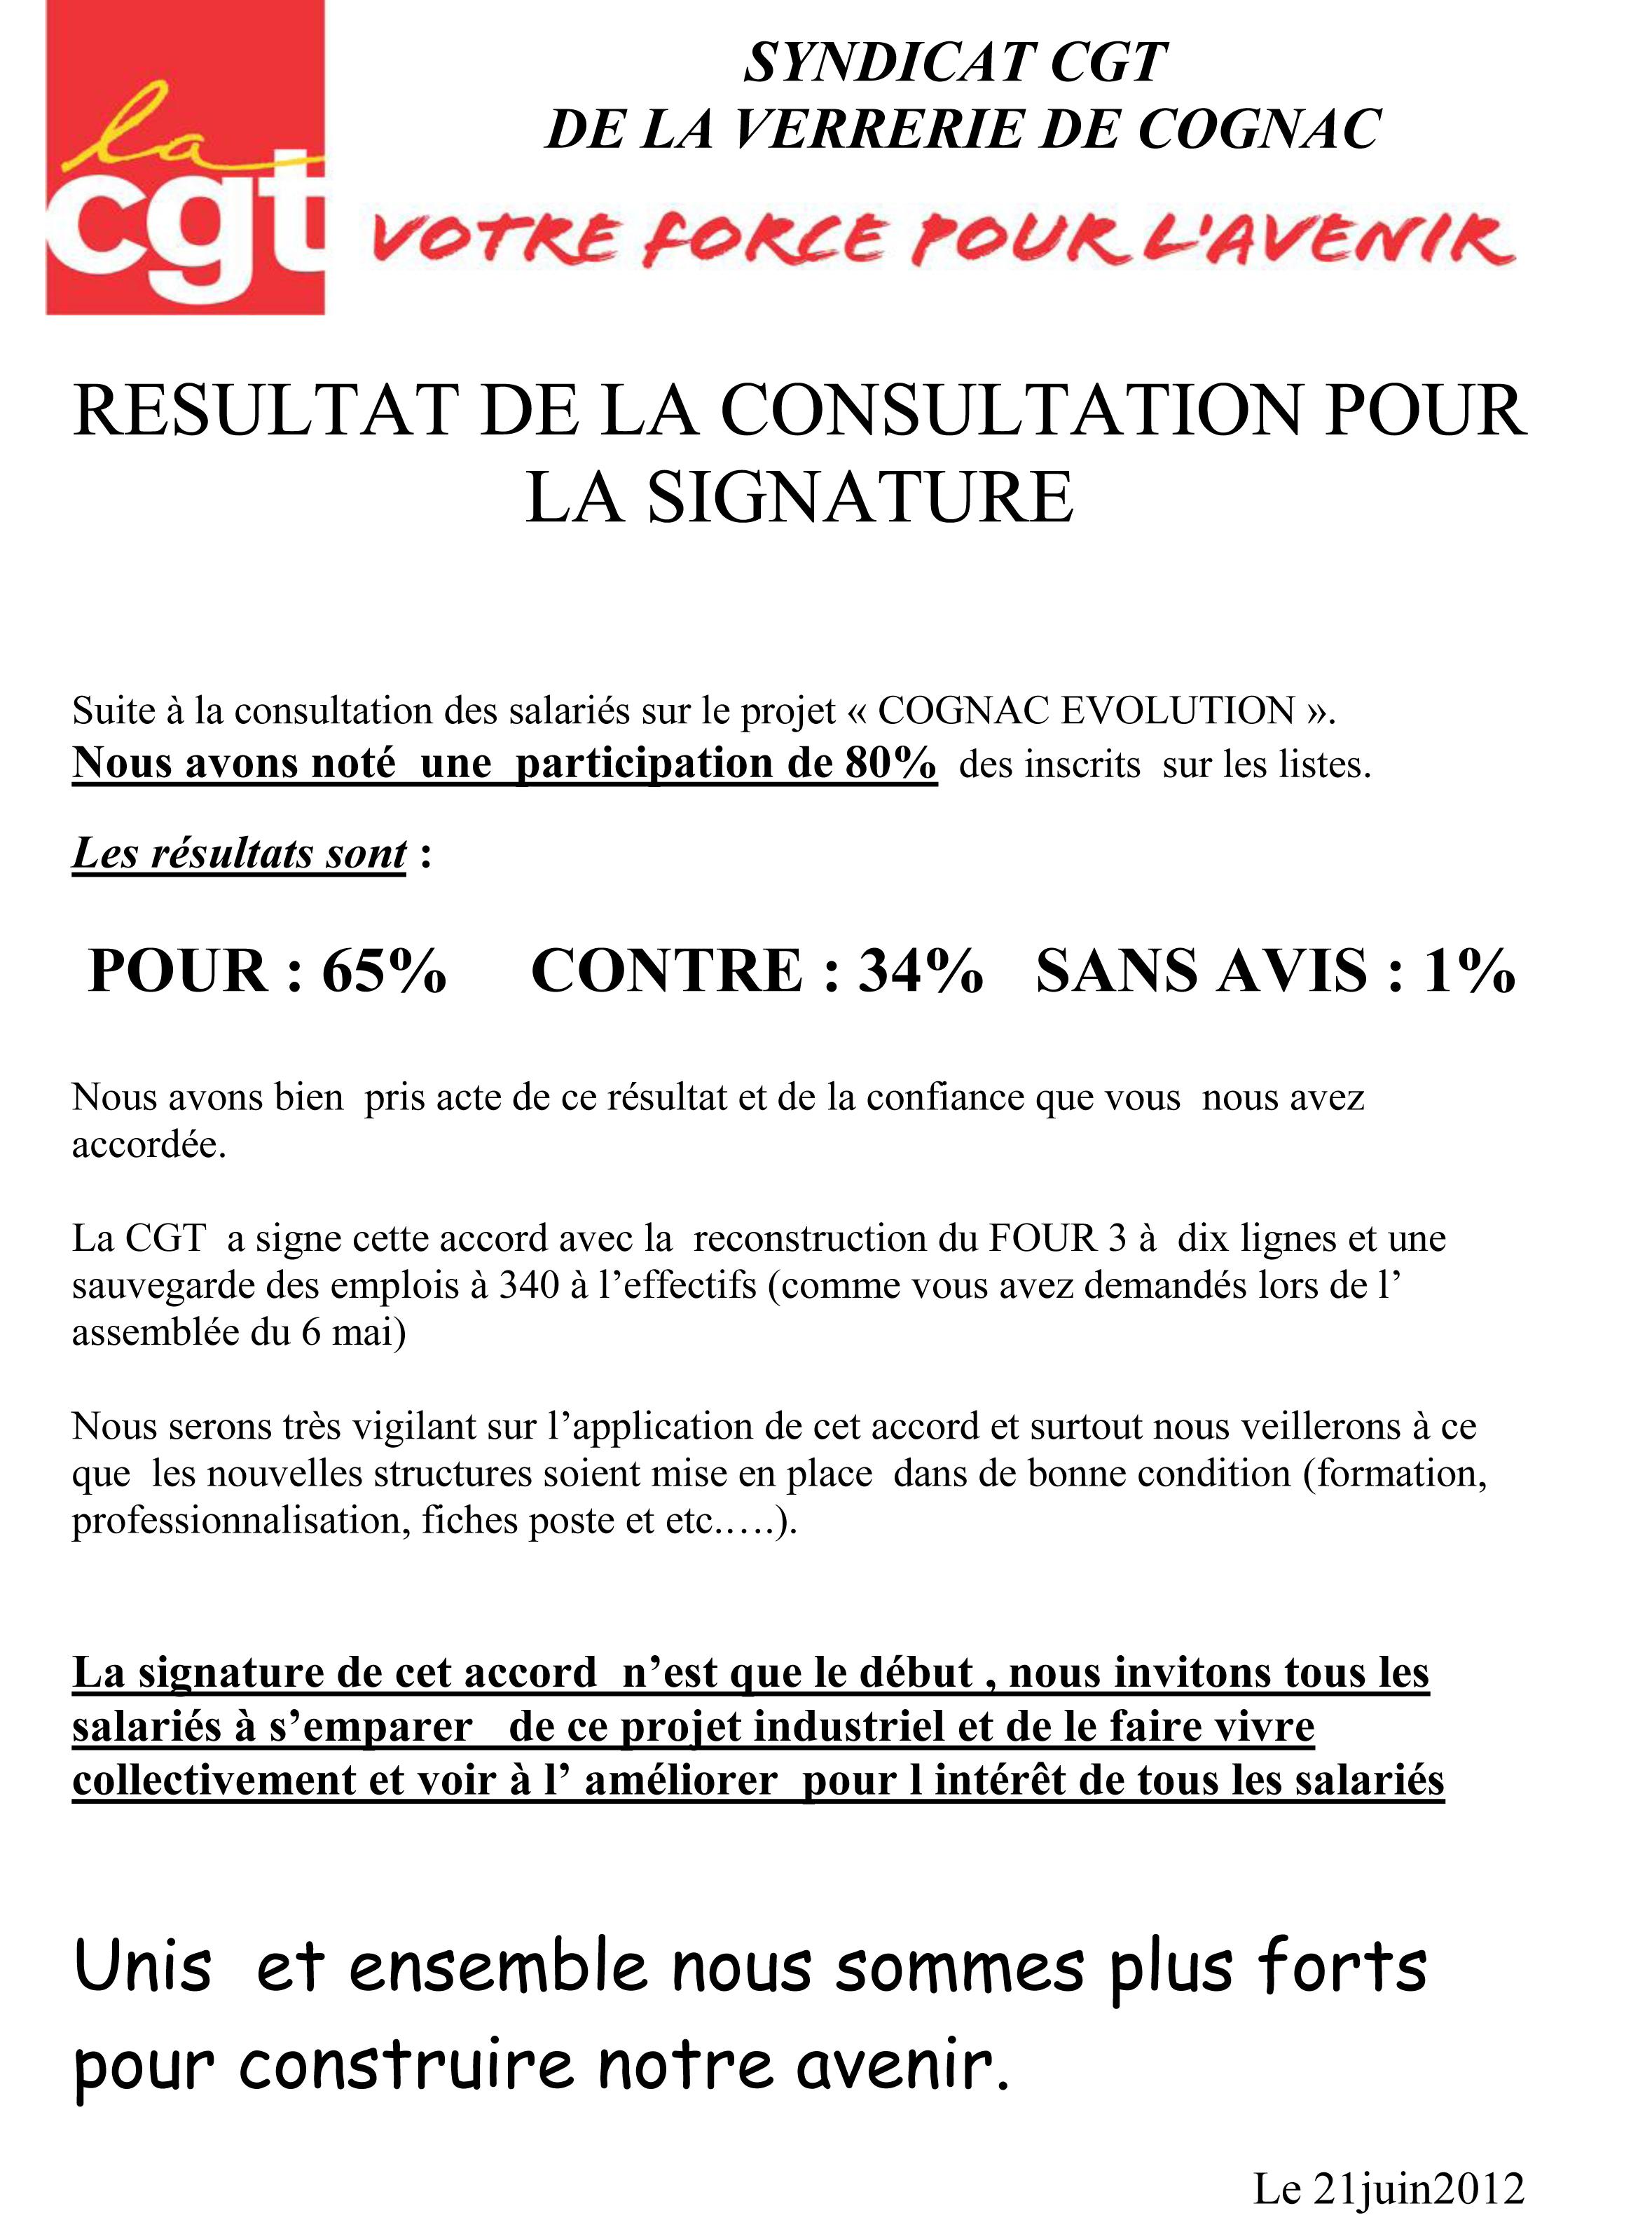 http://nsm05.casimages.com/img/2012/06/22/1206221040233204010013190.jpg